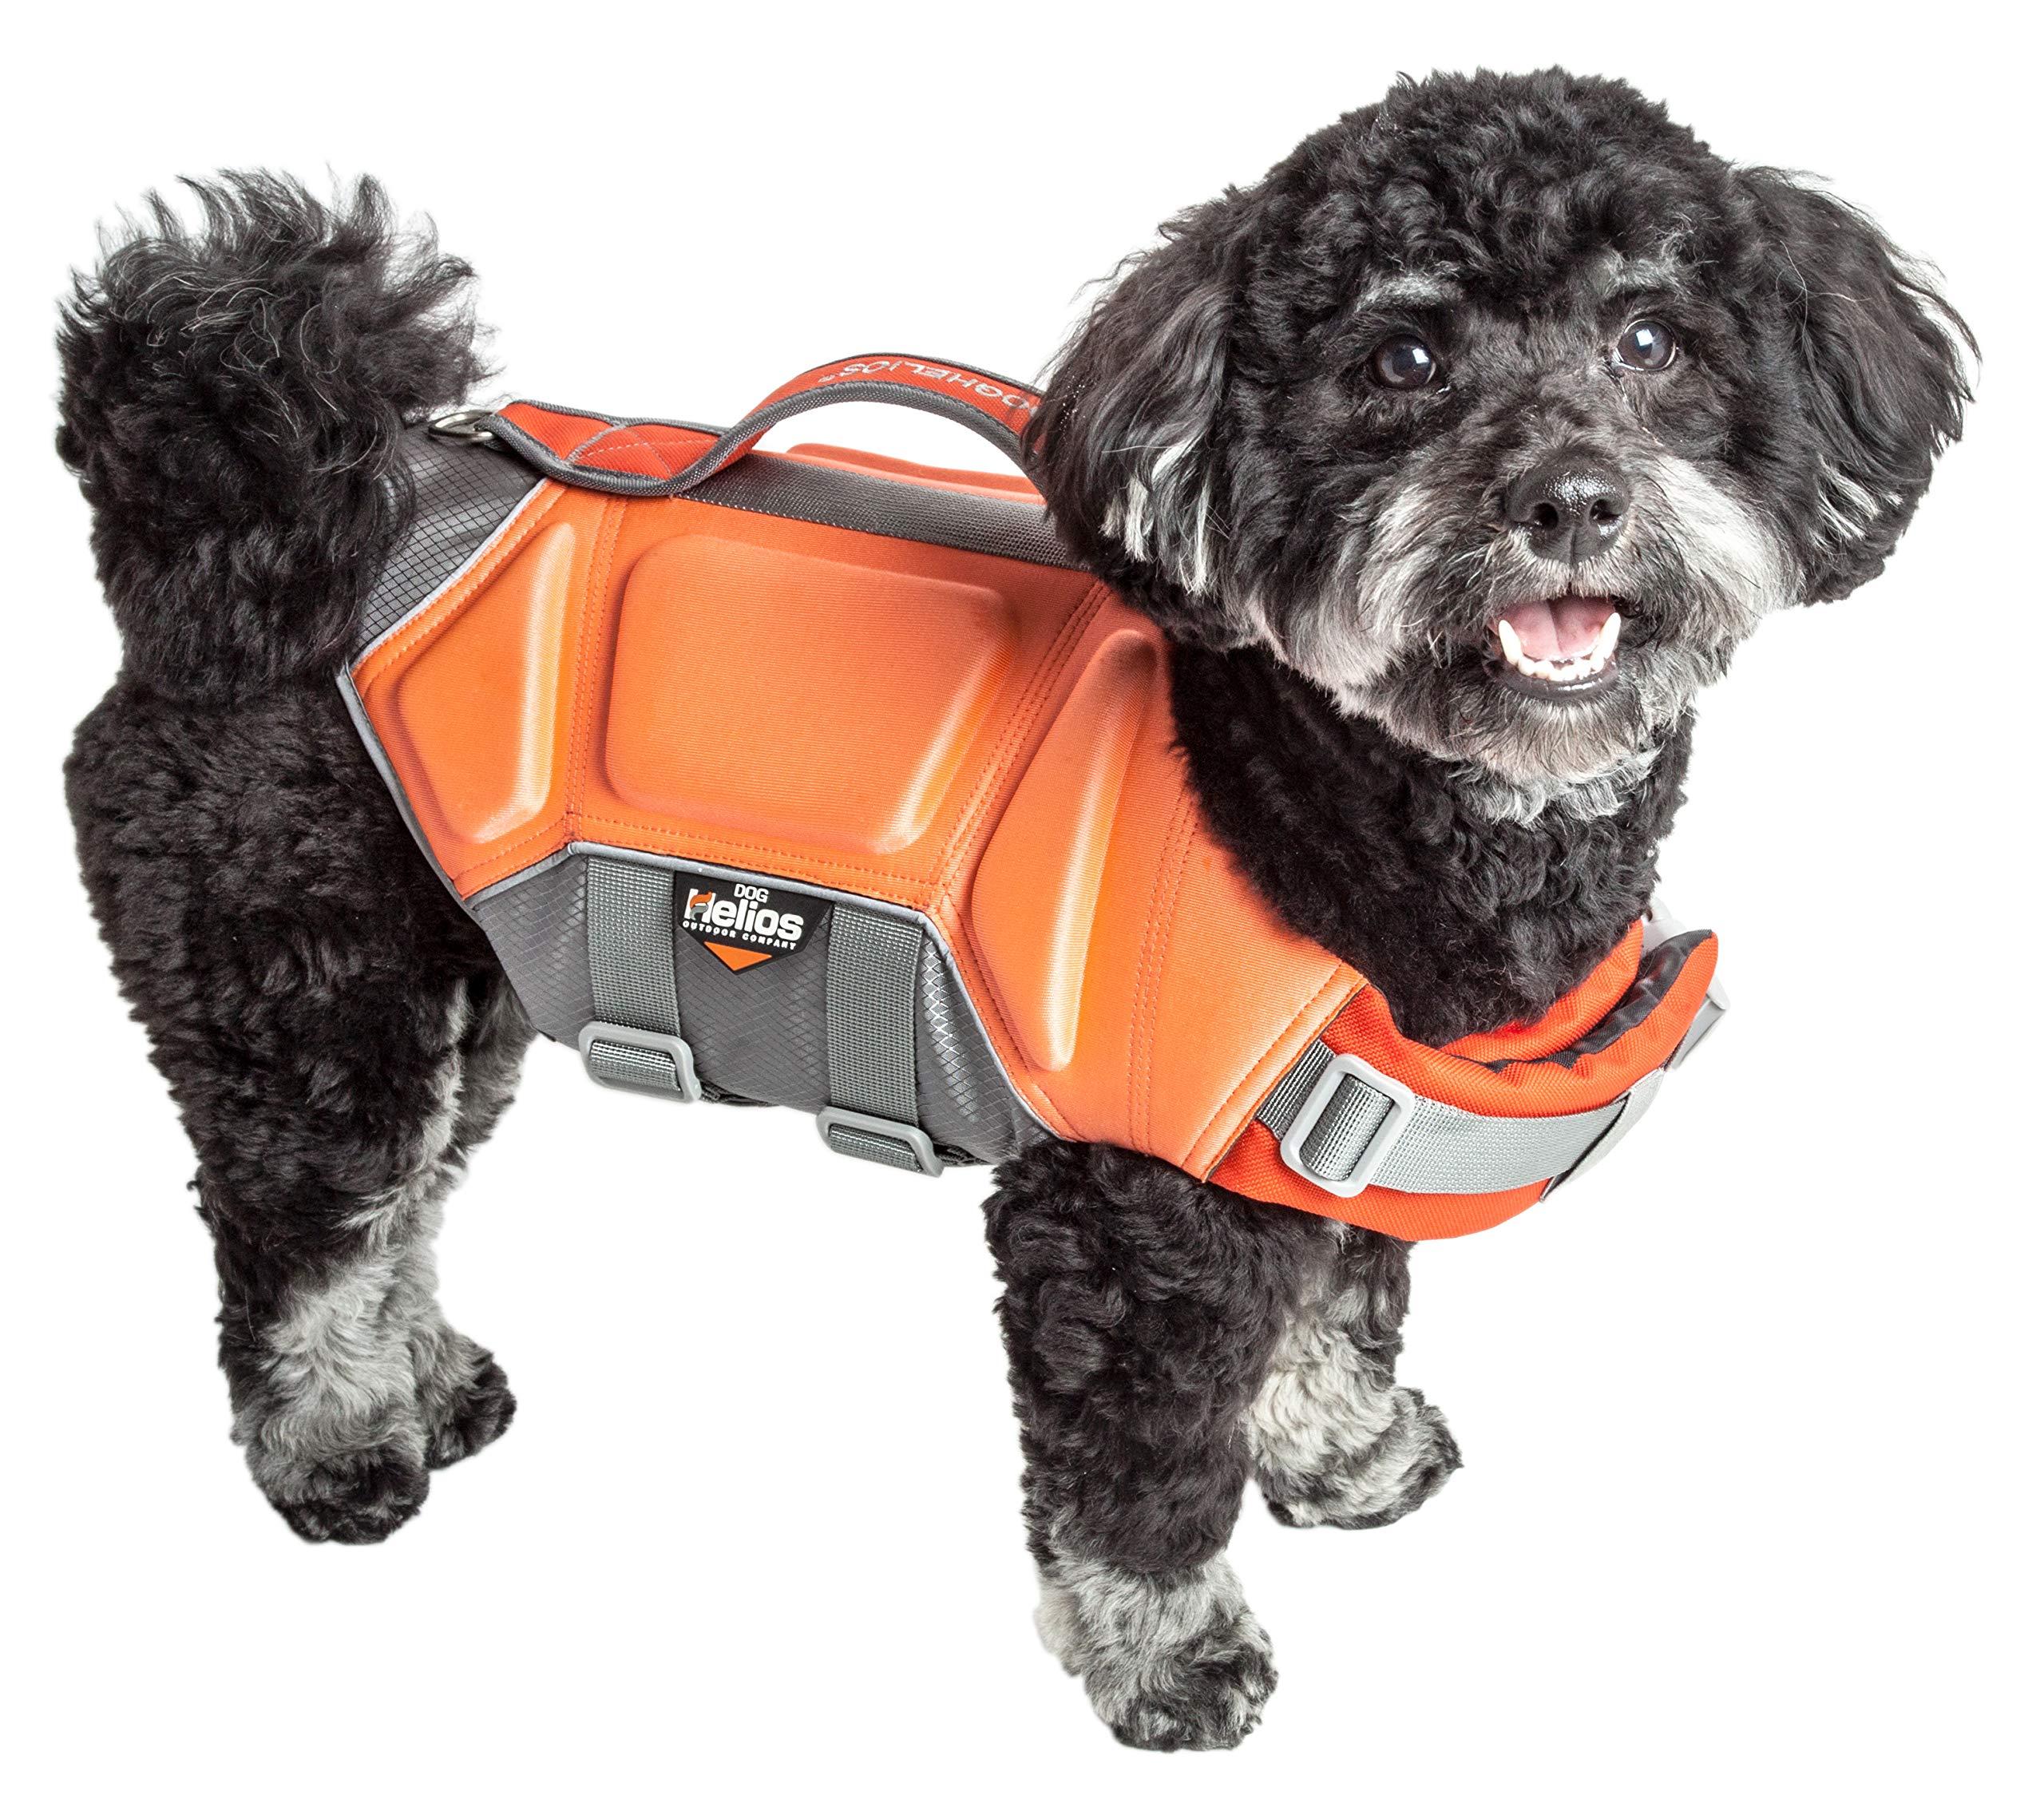 Dog Helios 'Tidal Guard' Multi-Point Strategically-Stitched Reflective Pet Dog Life Jacket Vest, Large, Orange by Pet Life (Image #1)